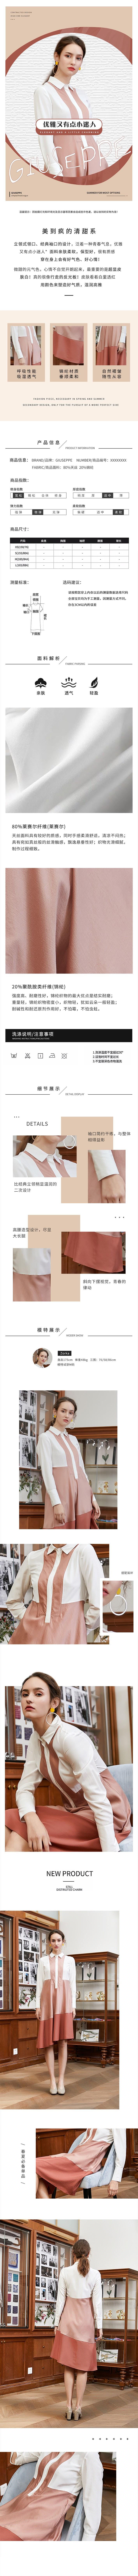 banner及详情页